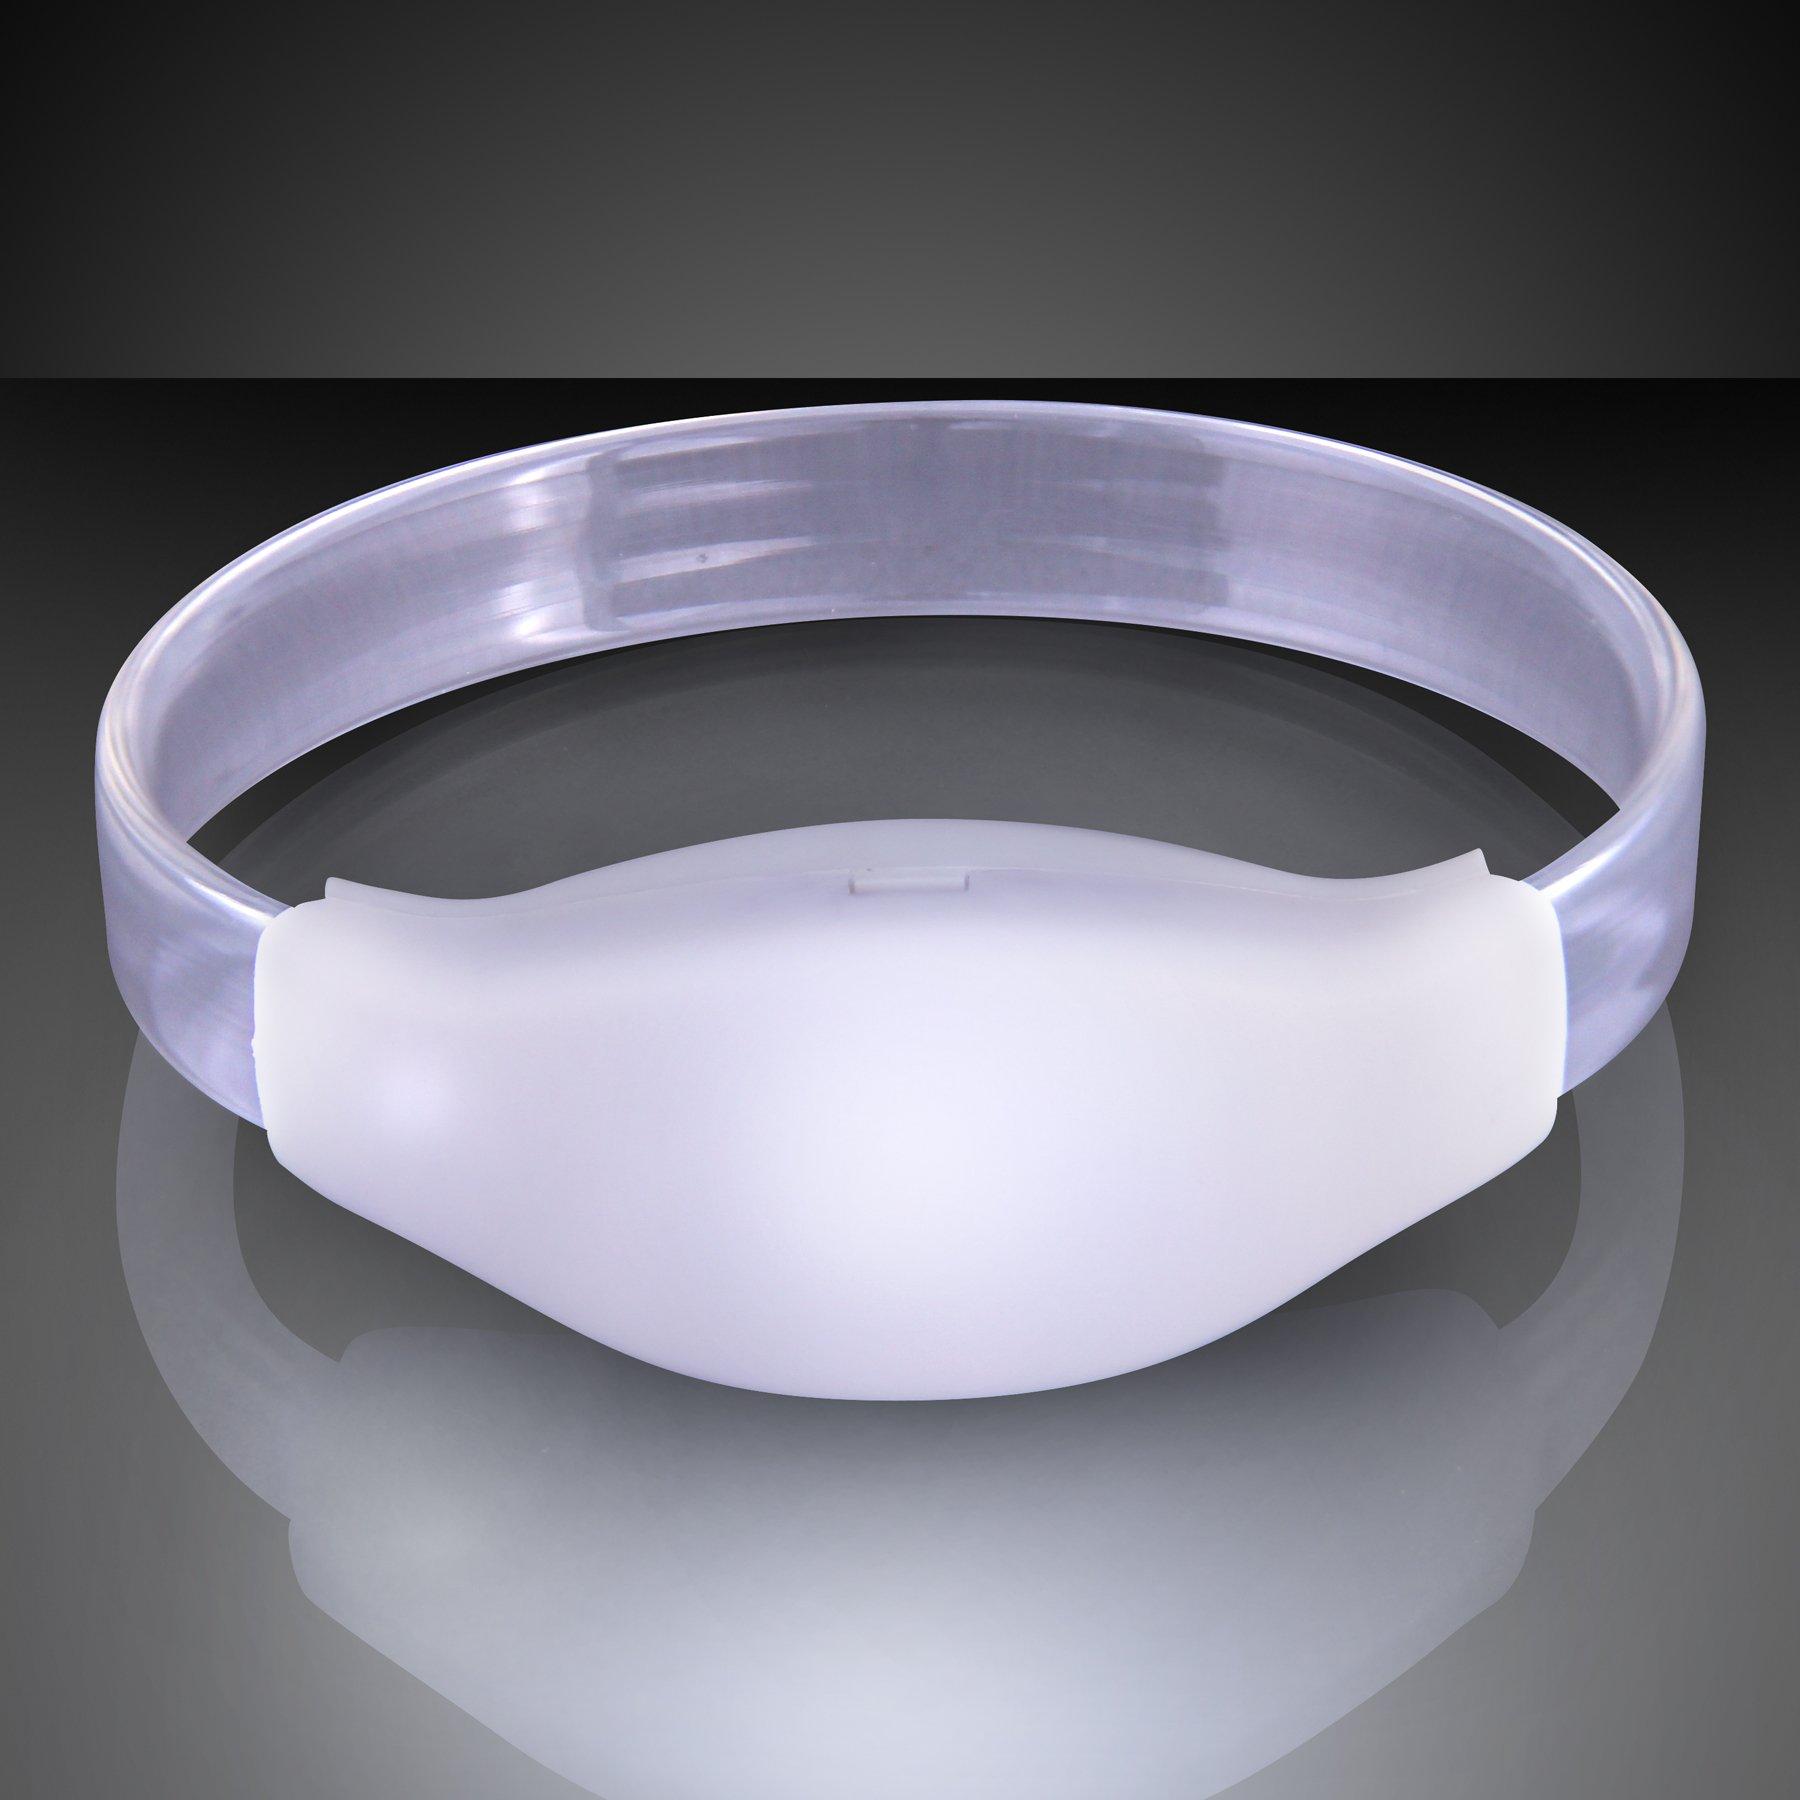 FlashingBlinkyLights Light Up White Sound Activated LED Bracelet (Set of 12)